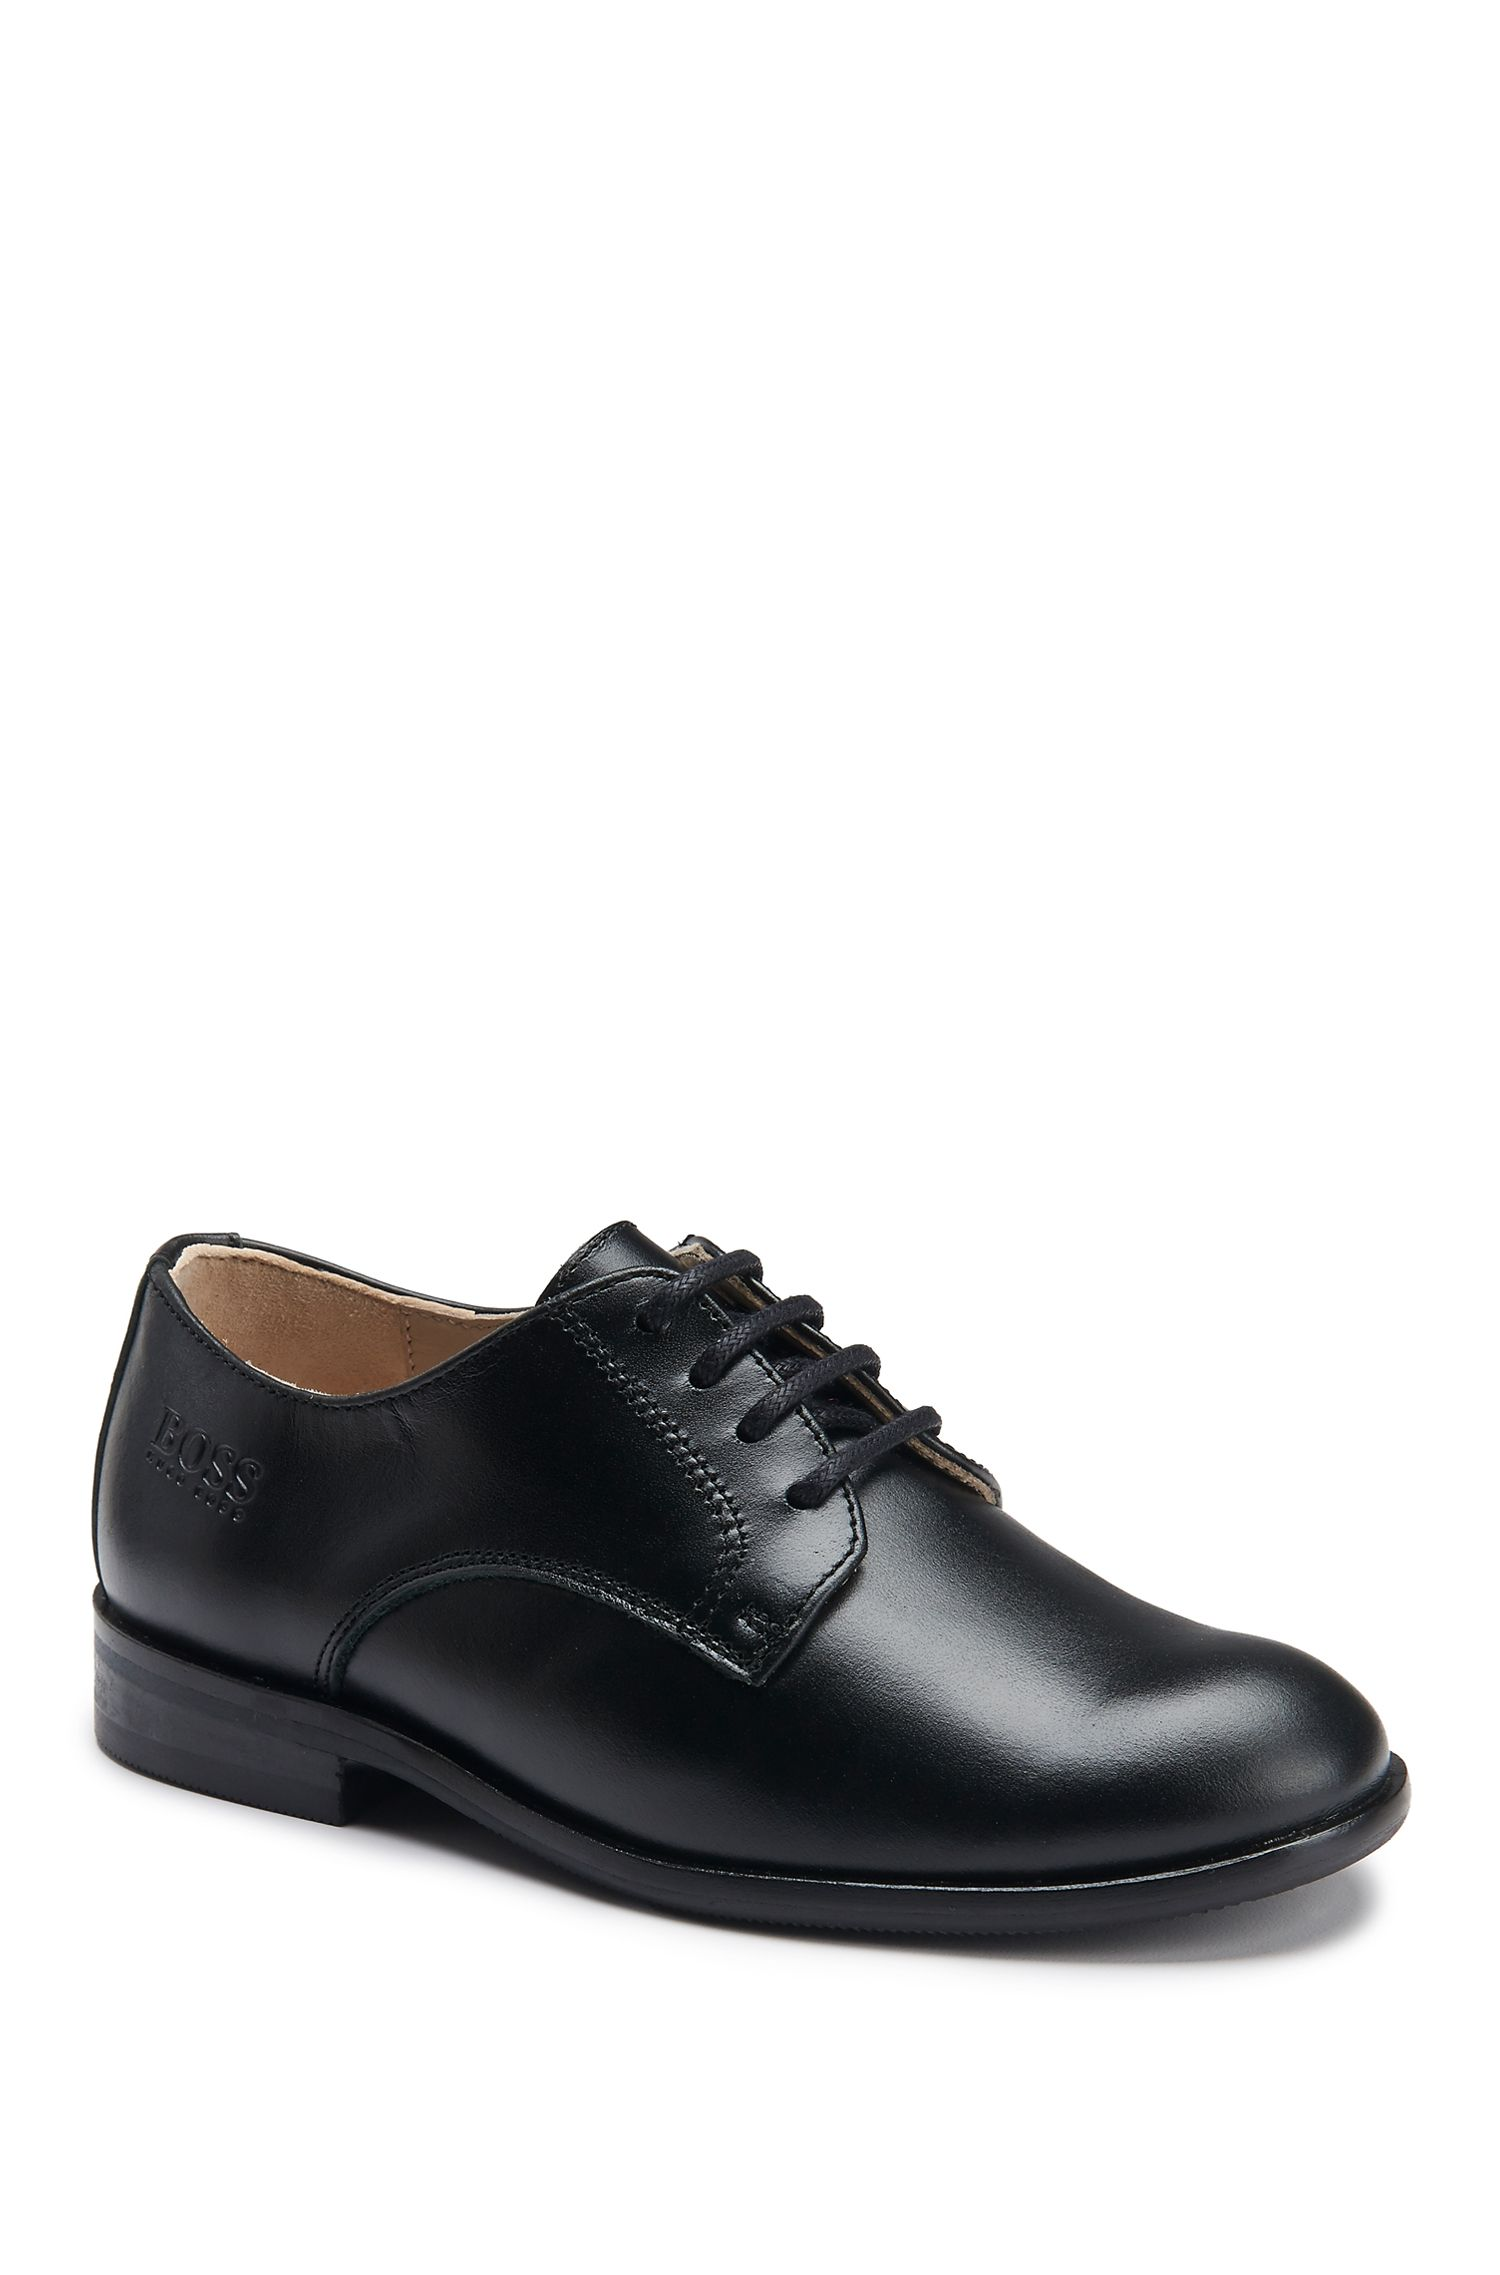 Kids' Leather Derby Shoe   J29V15